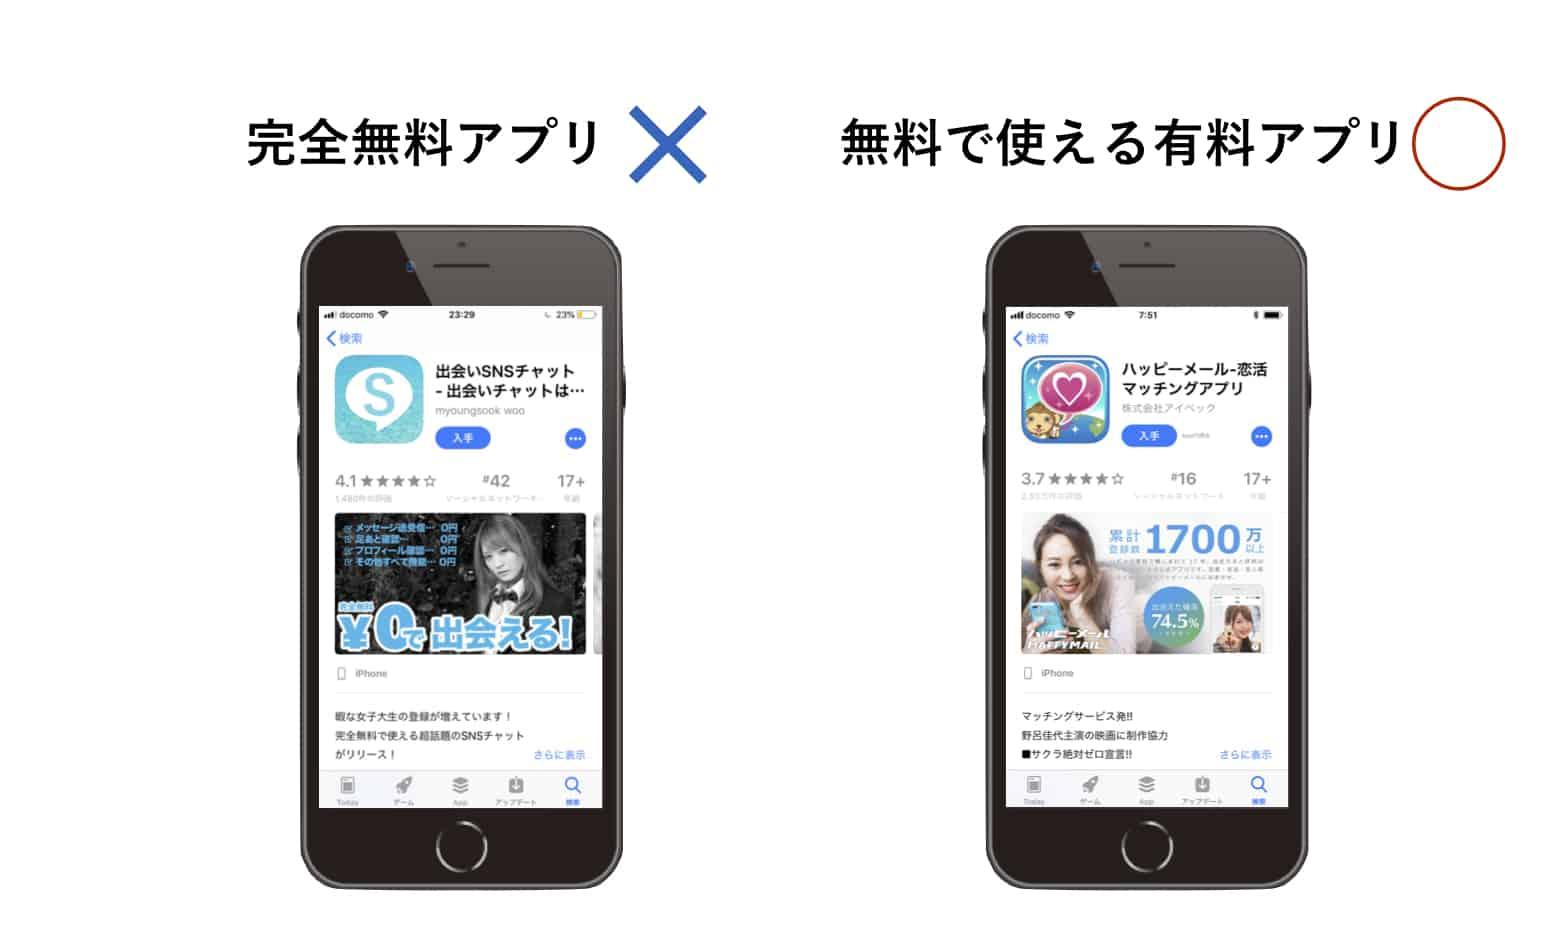 完全無料だが、使えないアプリと有料青売りの比較画像